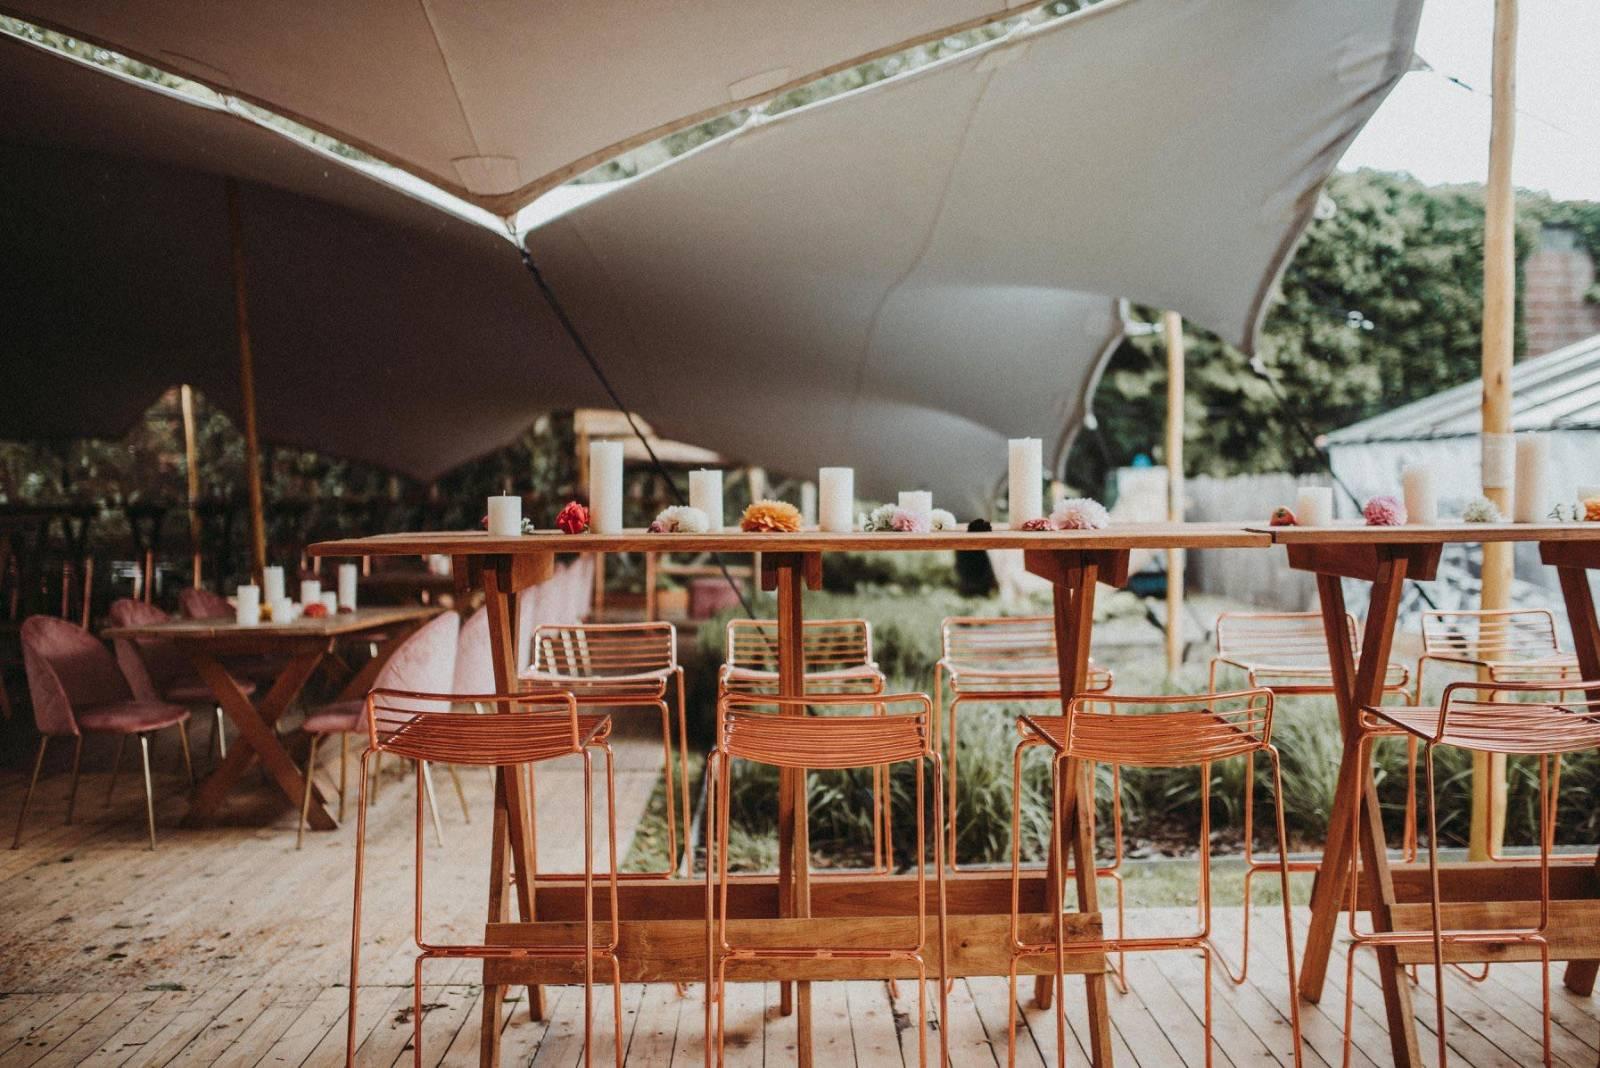 Wood receptietafel, stockholm rose, wood tafel, verona rose - cachet events